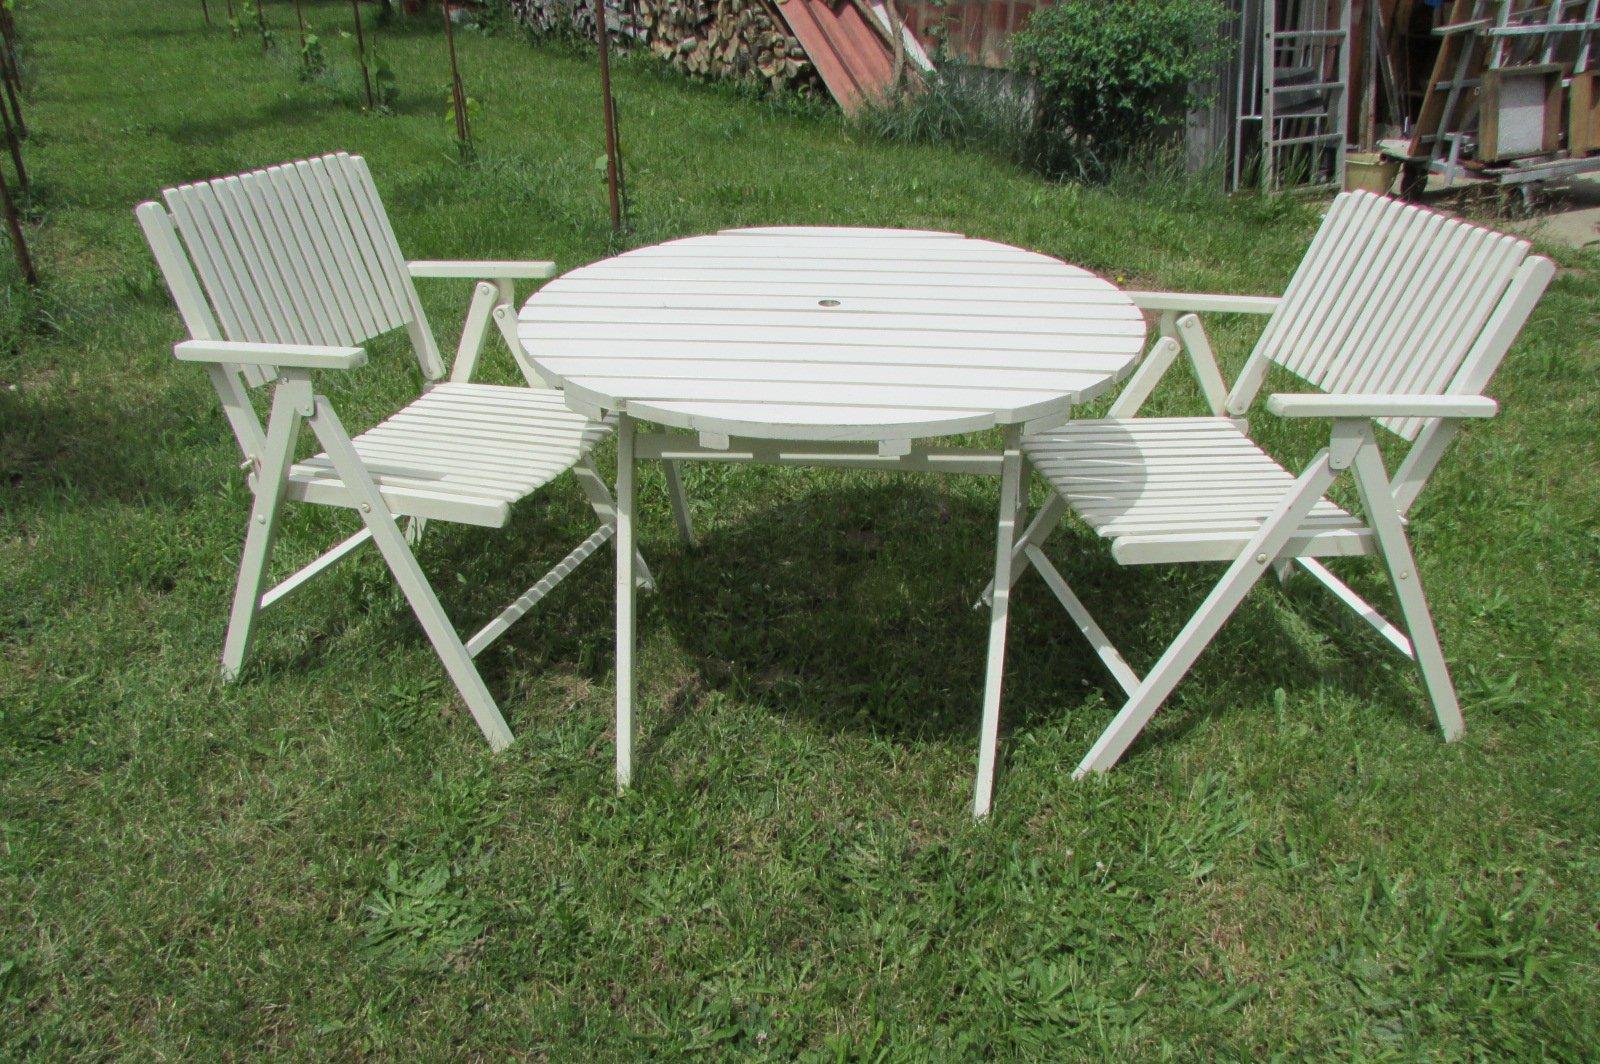 Tavolo e sedie da giardino pieghevoli di gleyzes anni 39 50 in vendita su pamono - Tavolo e sedie giardino ...